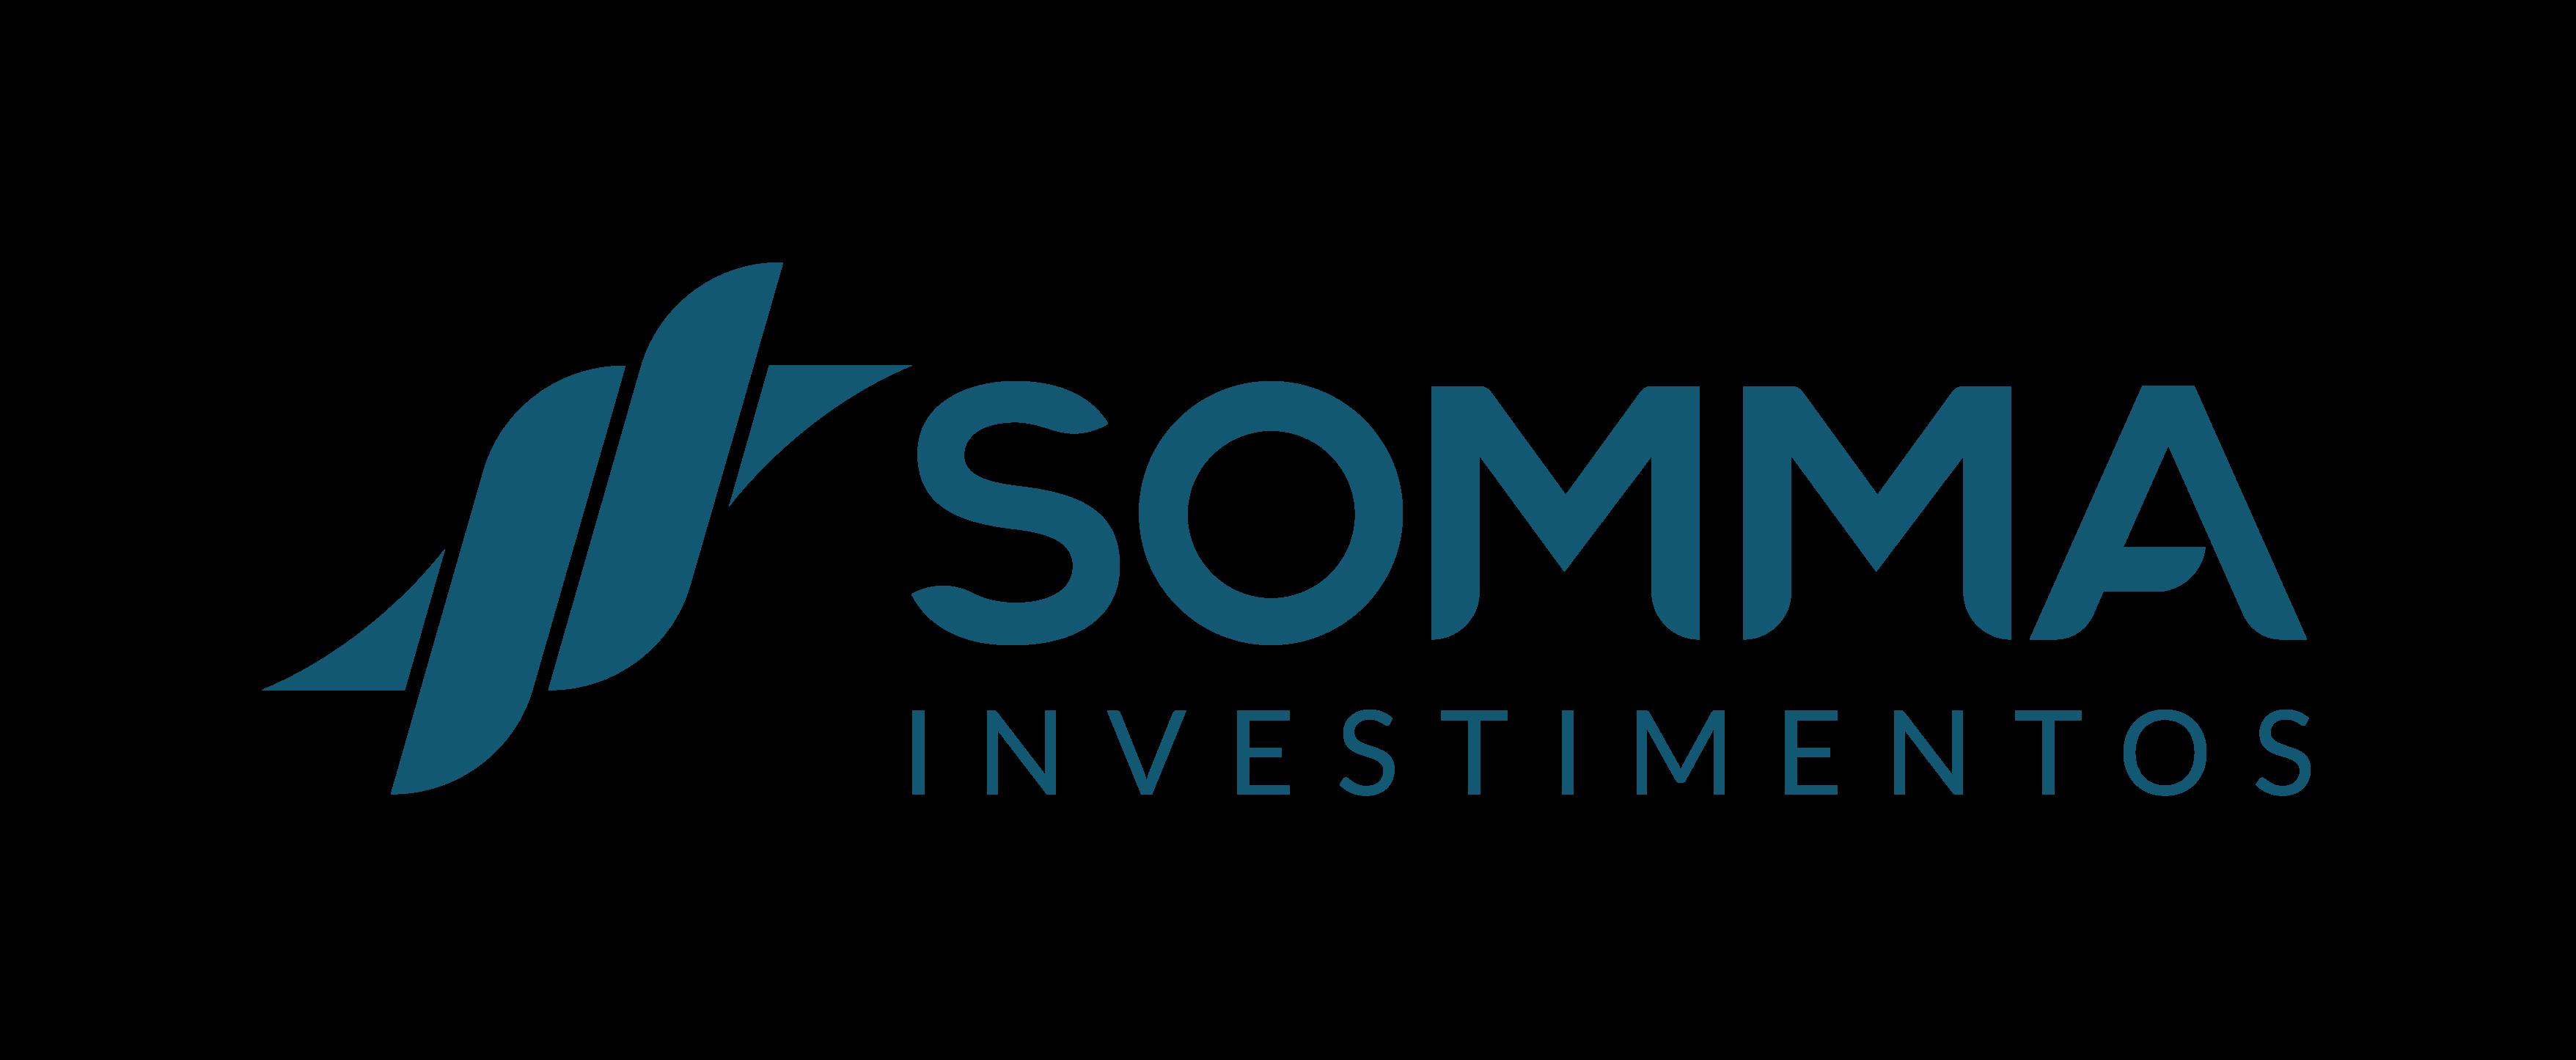 somma investimentos conheça mais sobre fundos de investimento